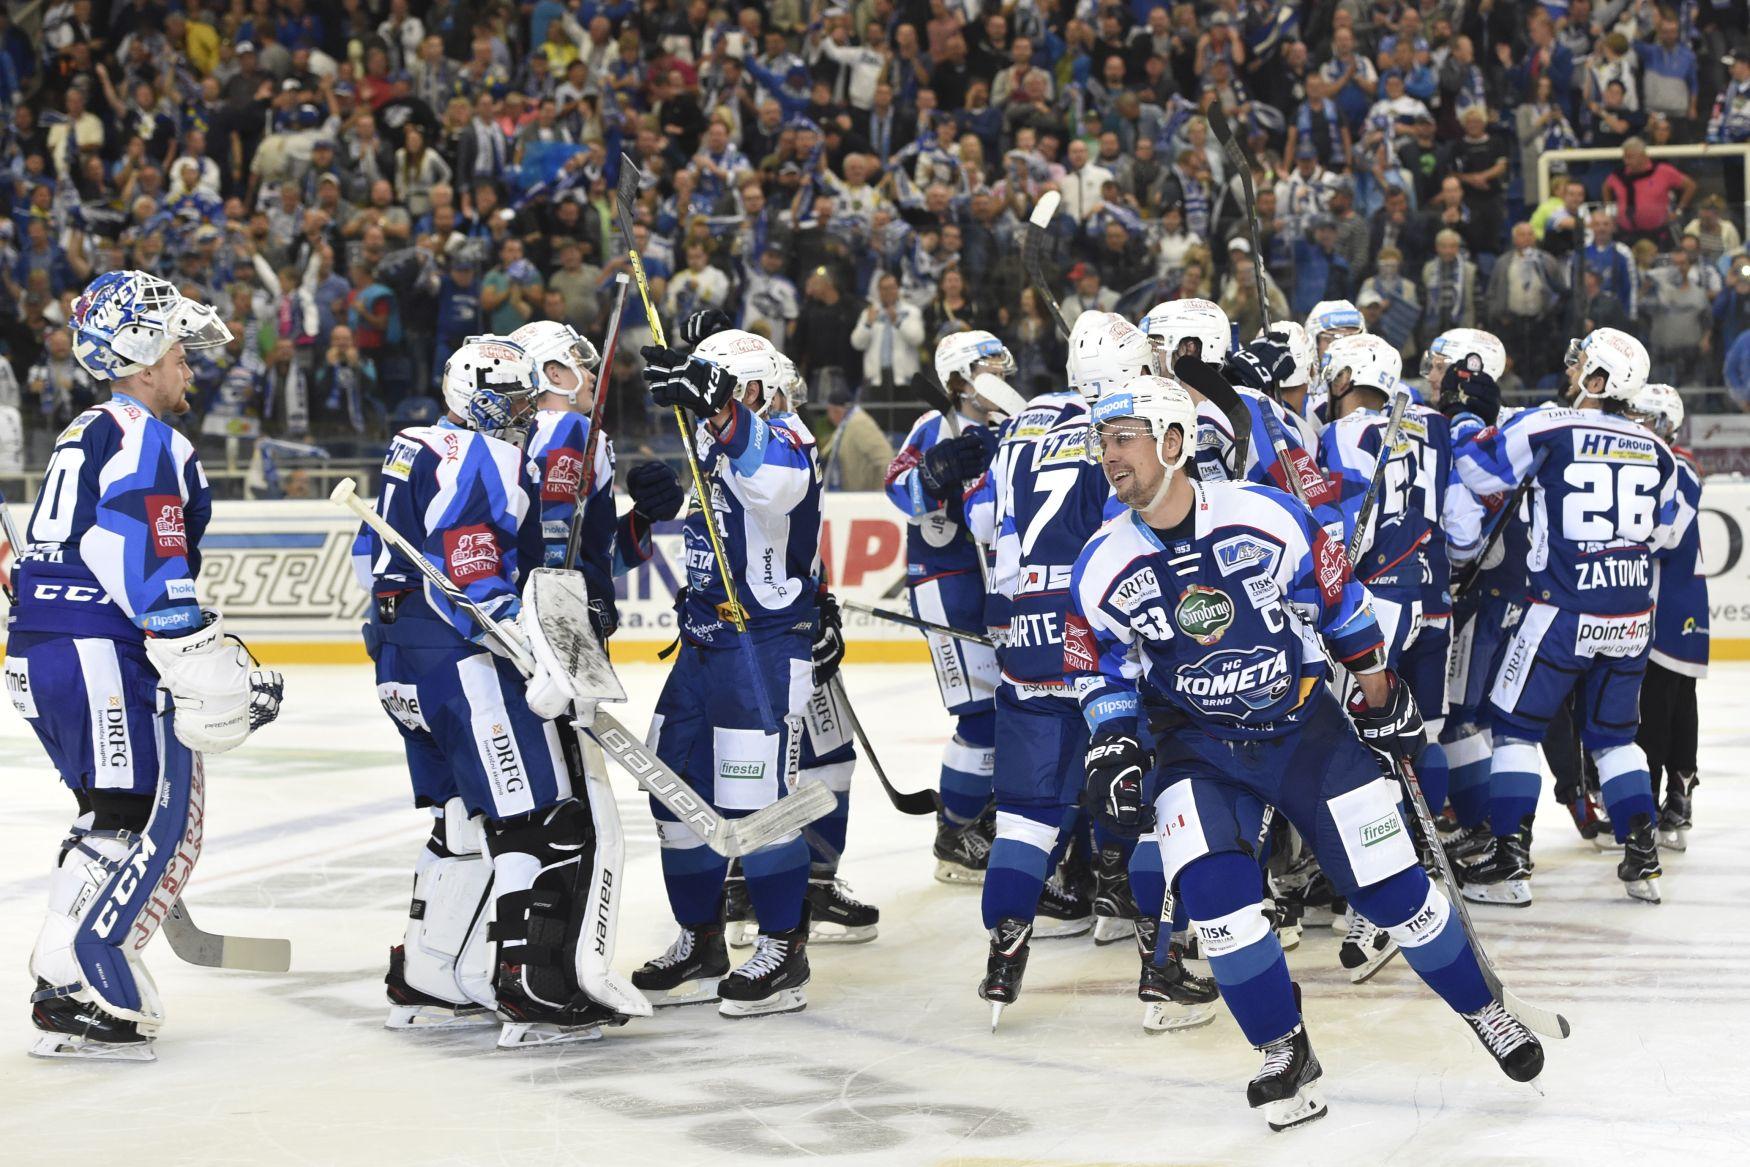 Tschechische Eishockey-Extraliga hat ihre 25. Saison gestartet ...